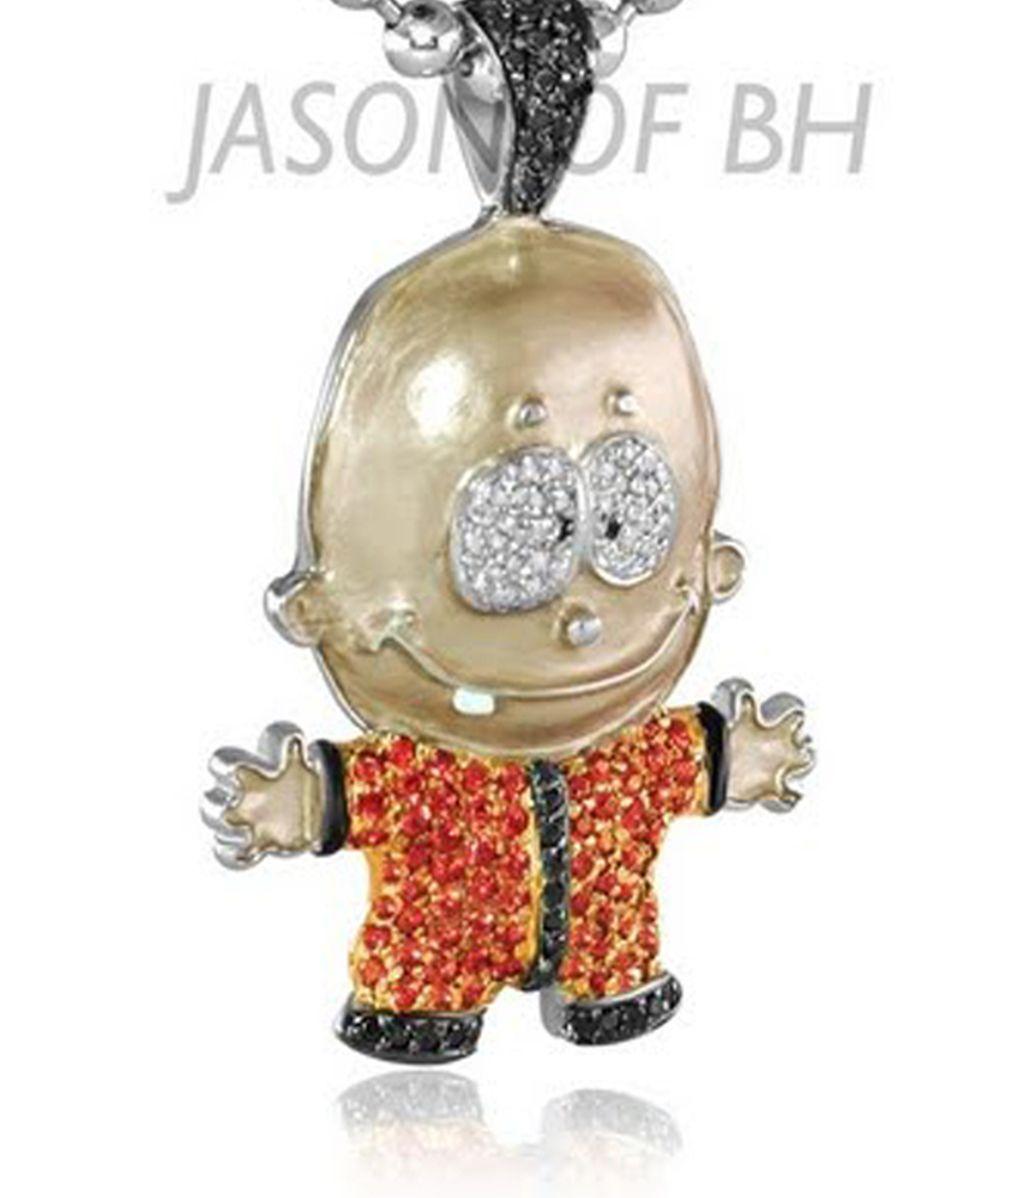 Jason Arasheben, el joyero valiente